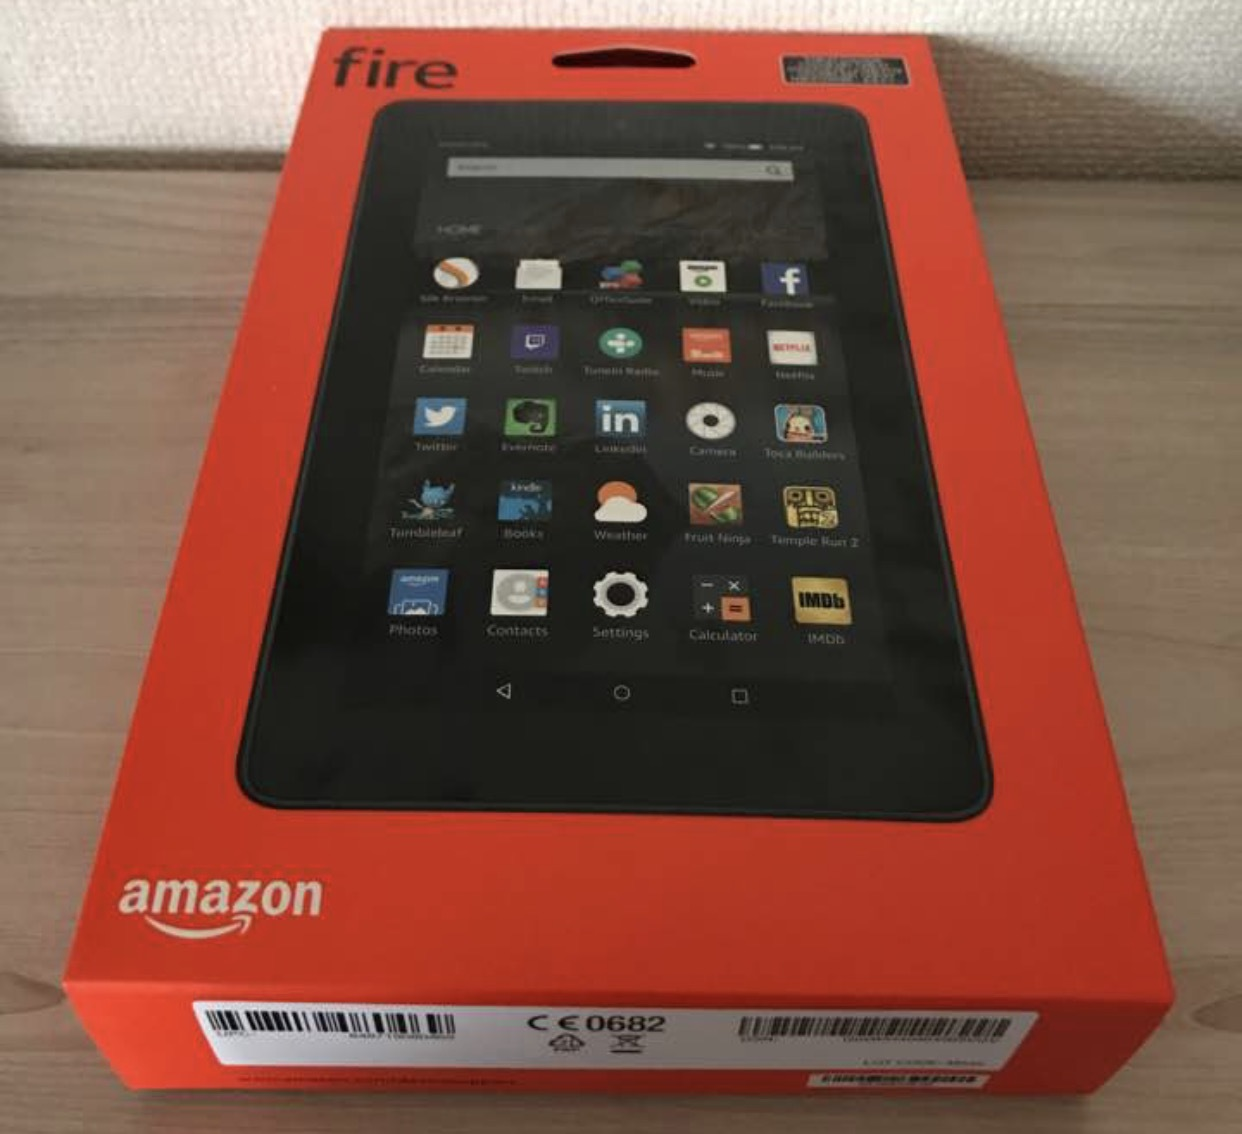 Amazonで購入したFireタブレットのレビューです